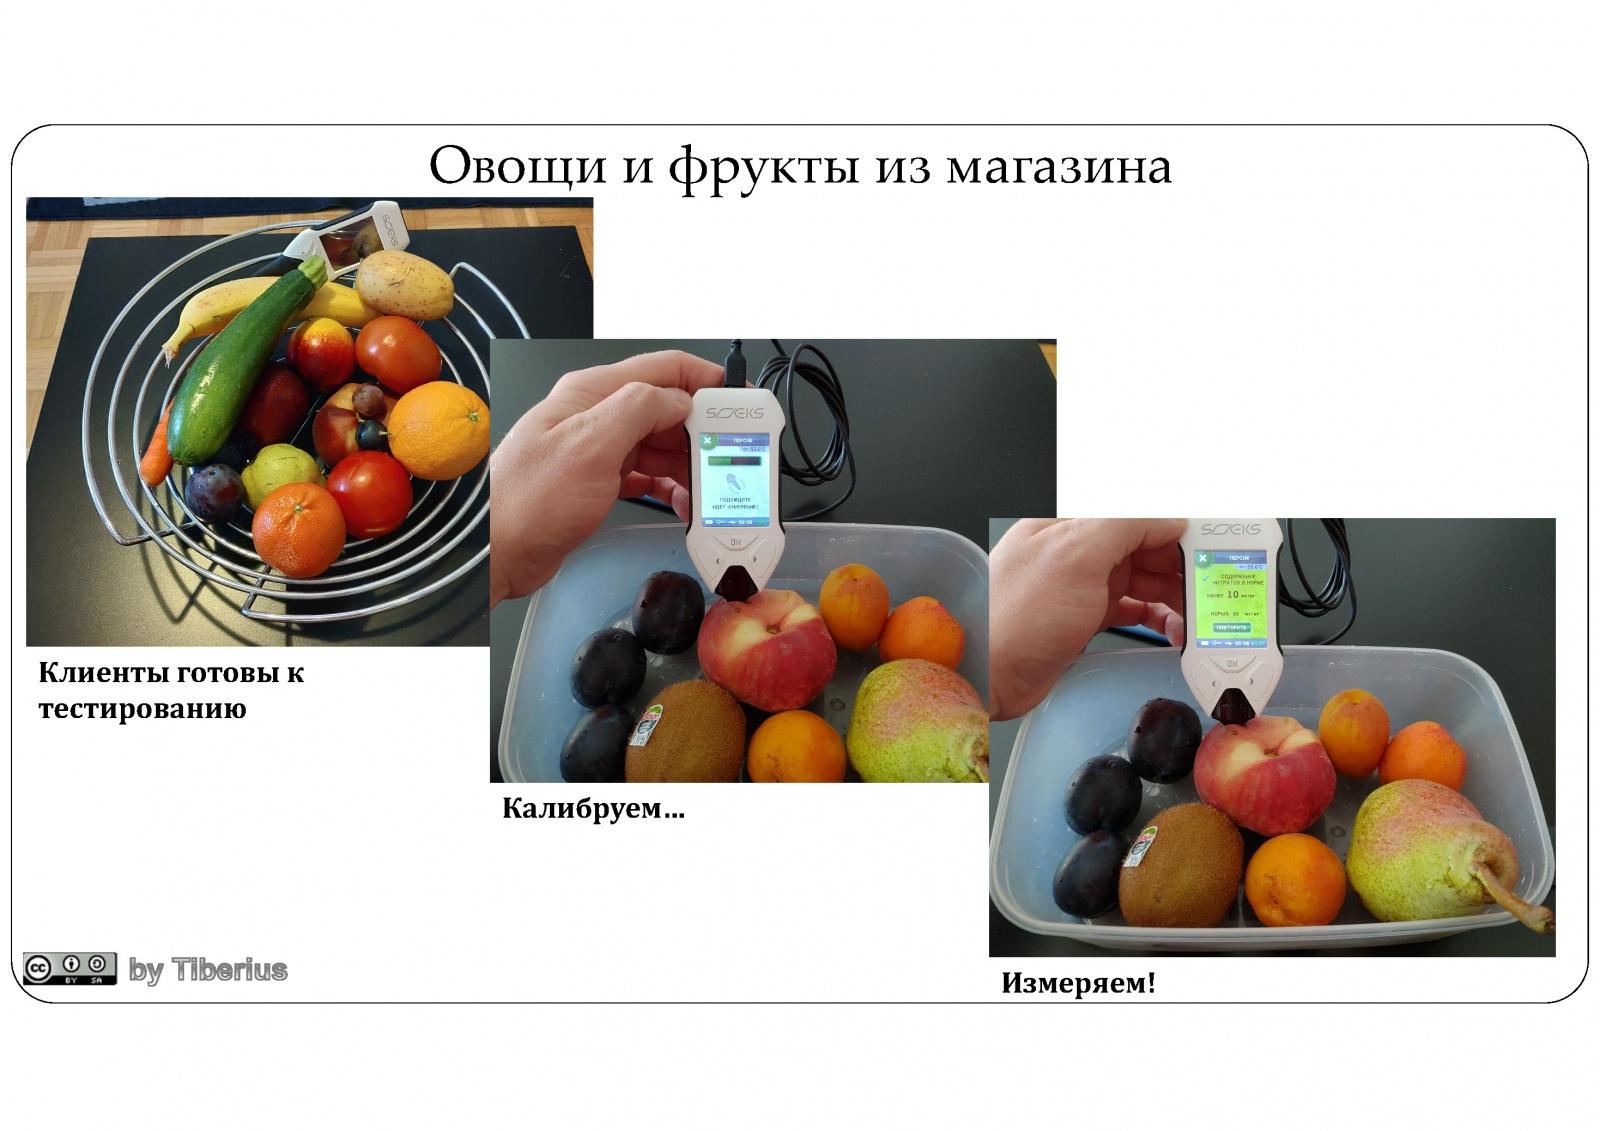 Нитраты в продуктах: магазины Швейцарии vs магазины России vs дача - 9